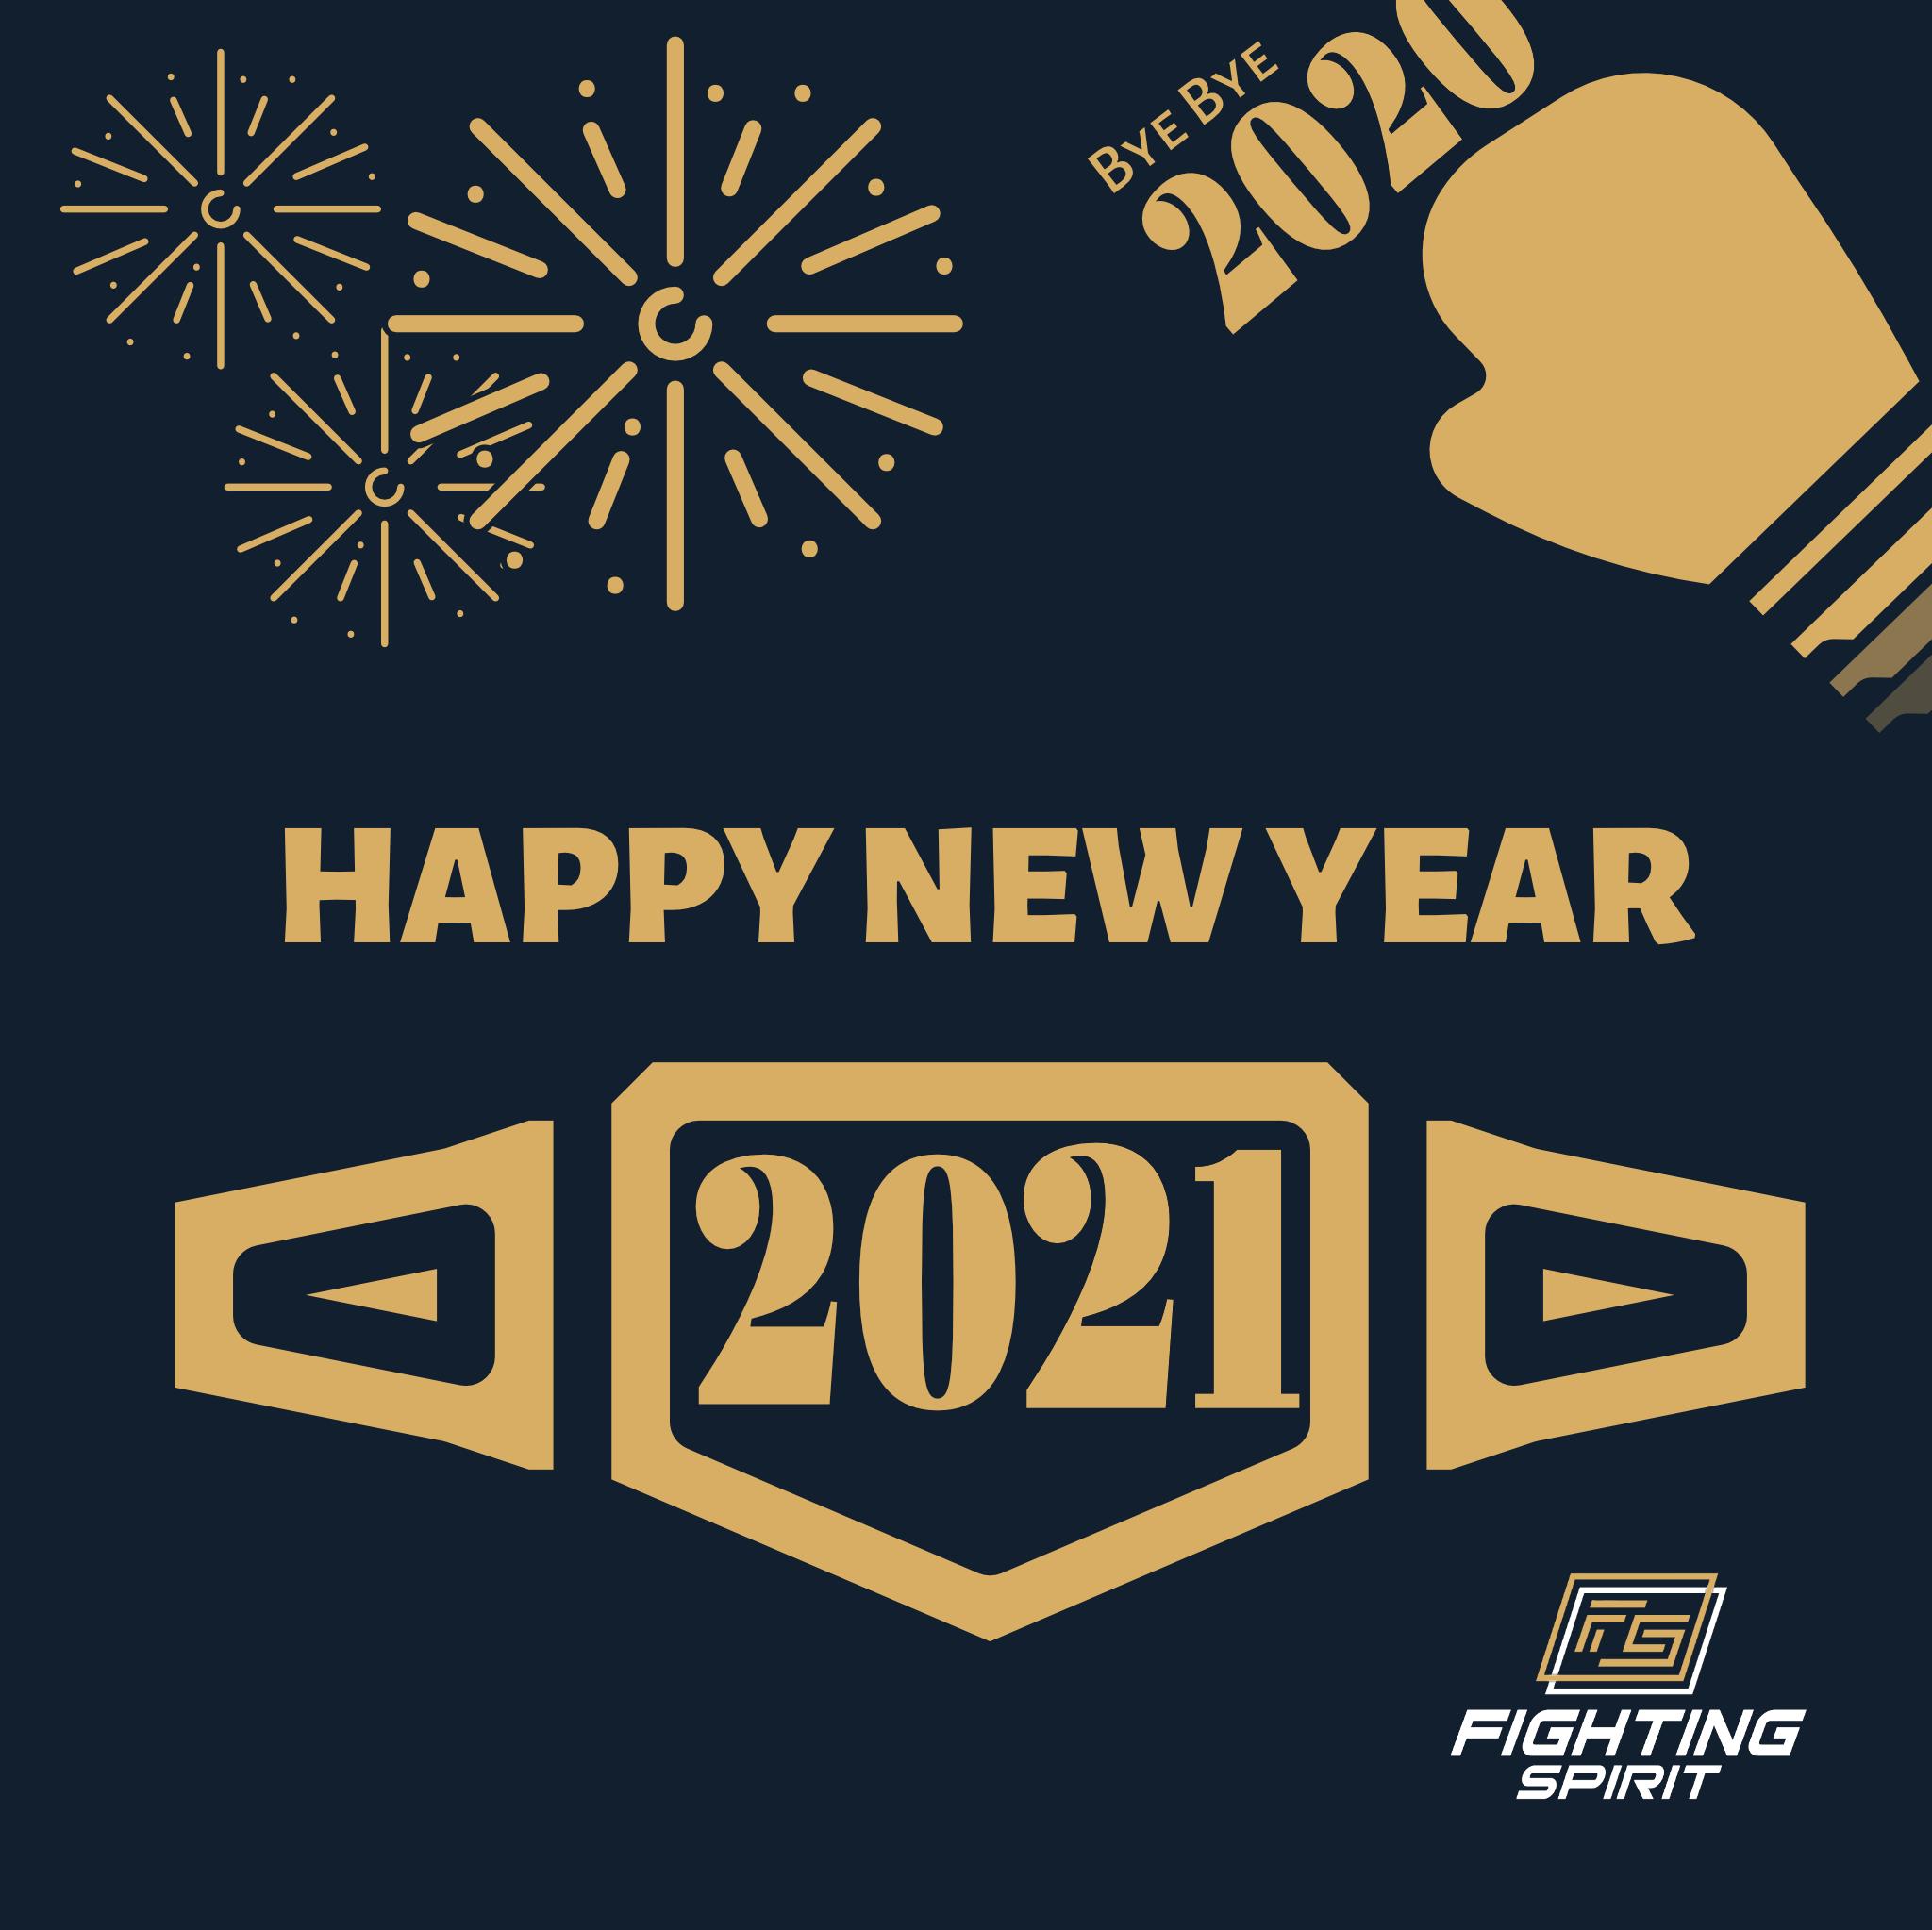 Fighting Spirit New year